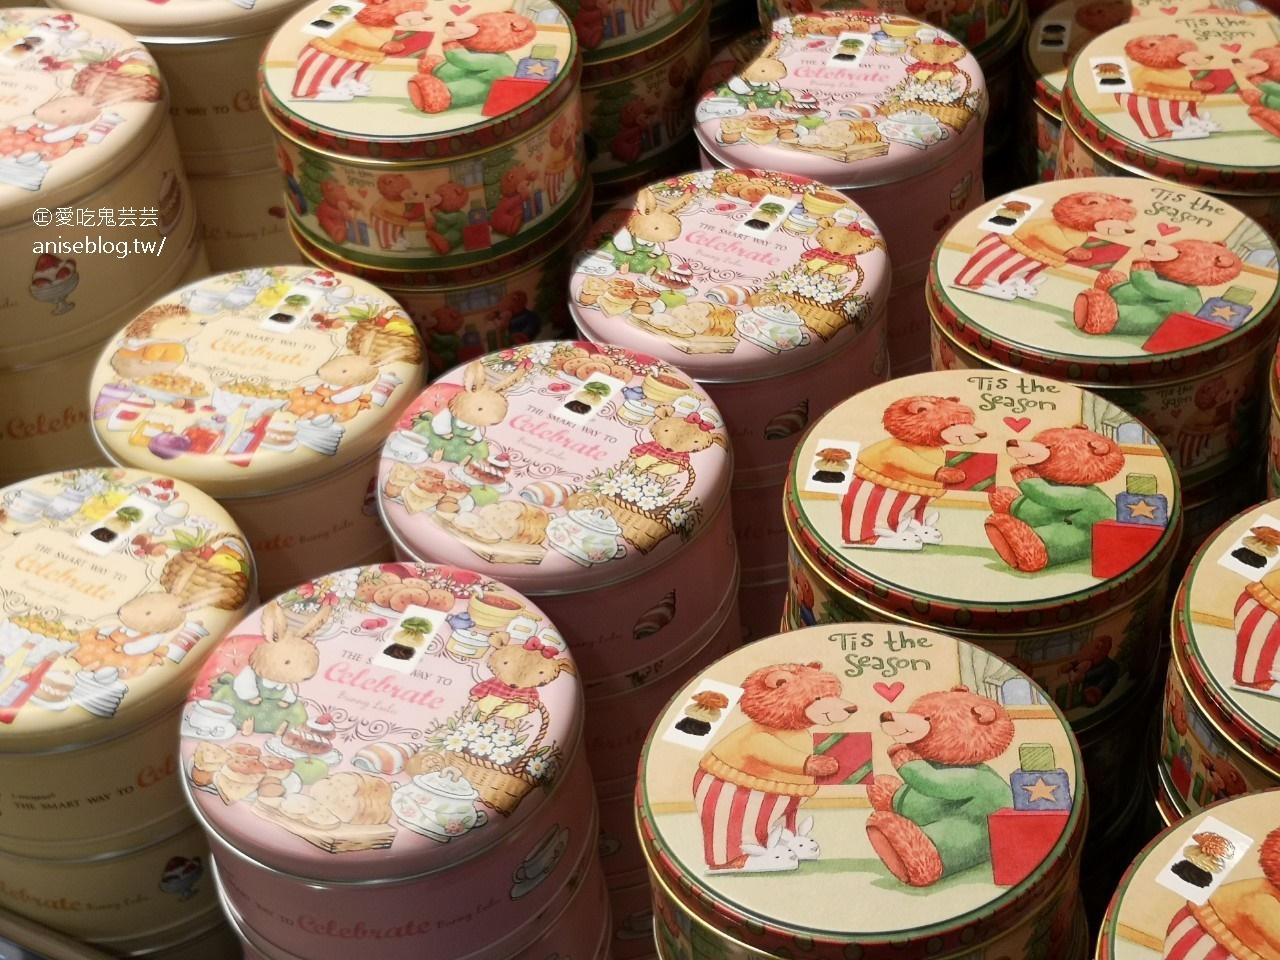 愛威鐵盒餅乾,台版珍妮曲奇餅超夯團購名物快閃SOGO忠孝館,芸芸粉絲9折優惠 😍